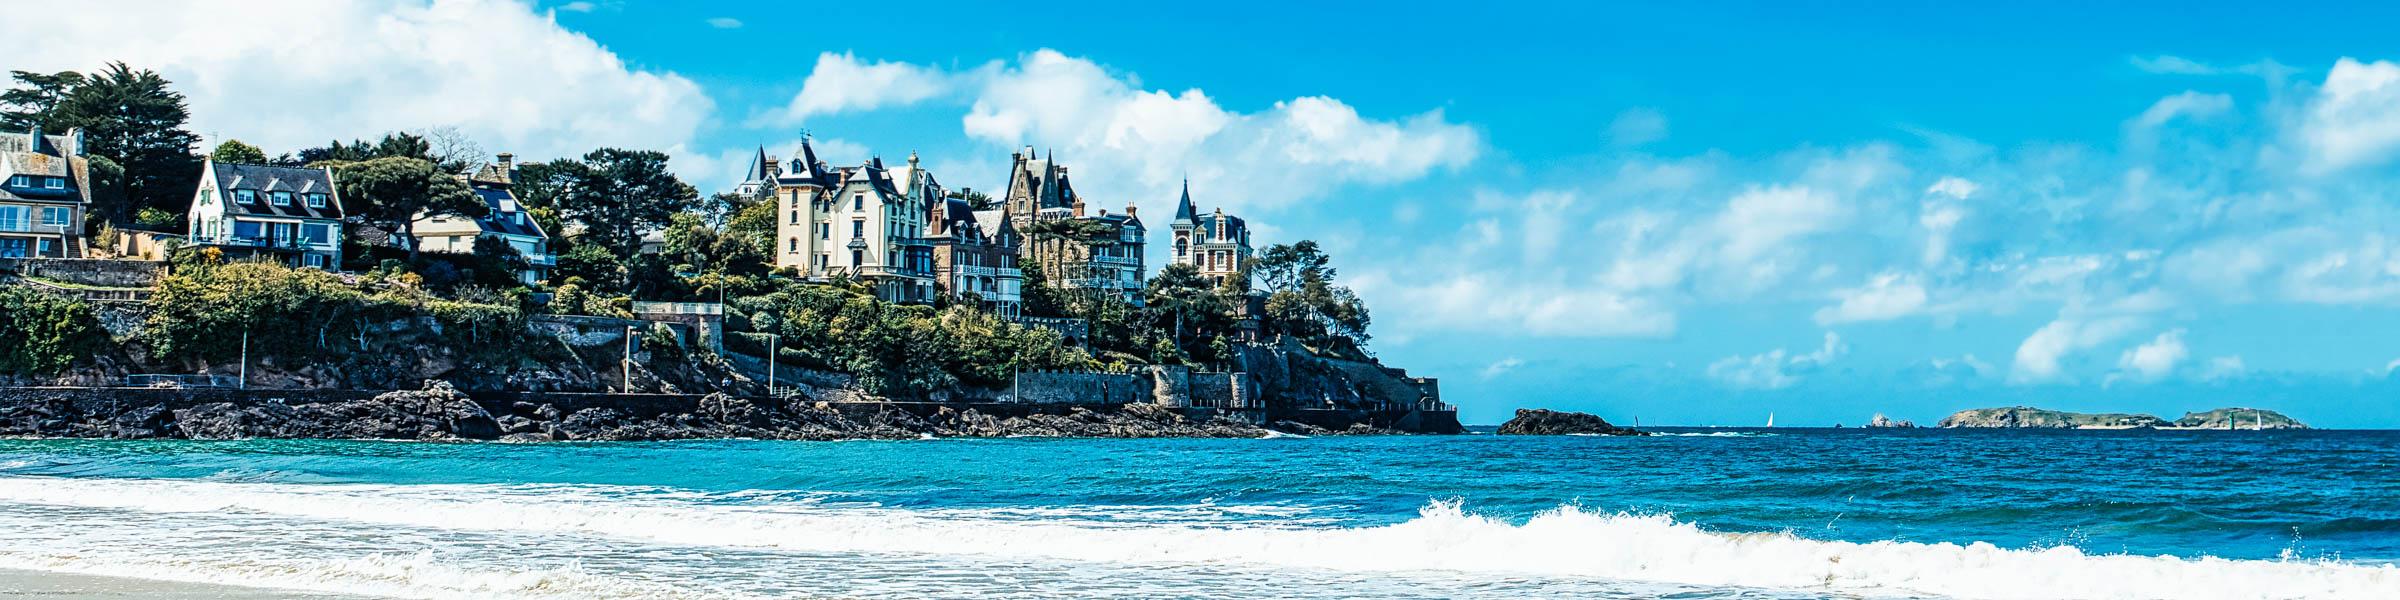 Blick aufs Meer und Gebäude am Strand von Dinard in der Bretagne